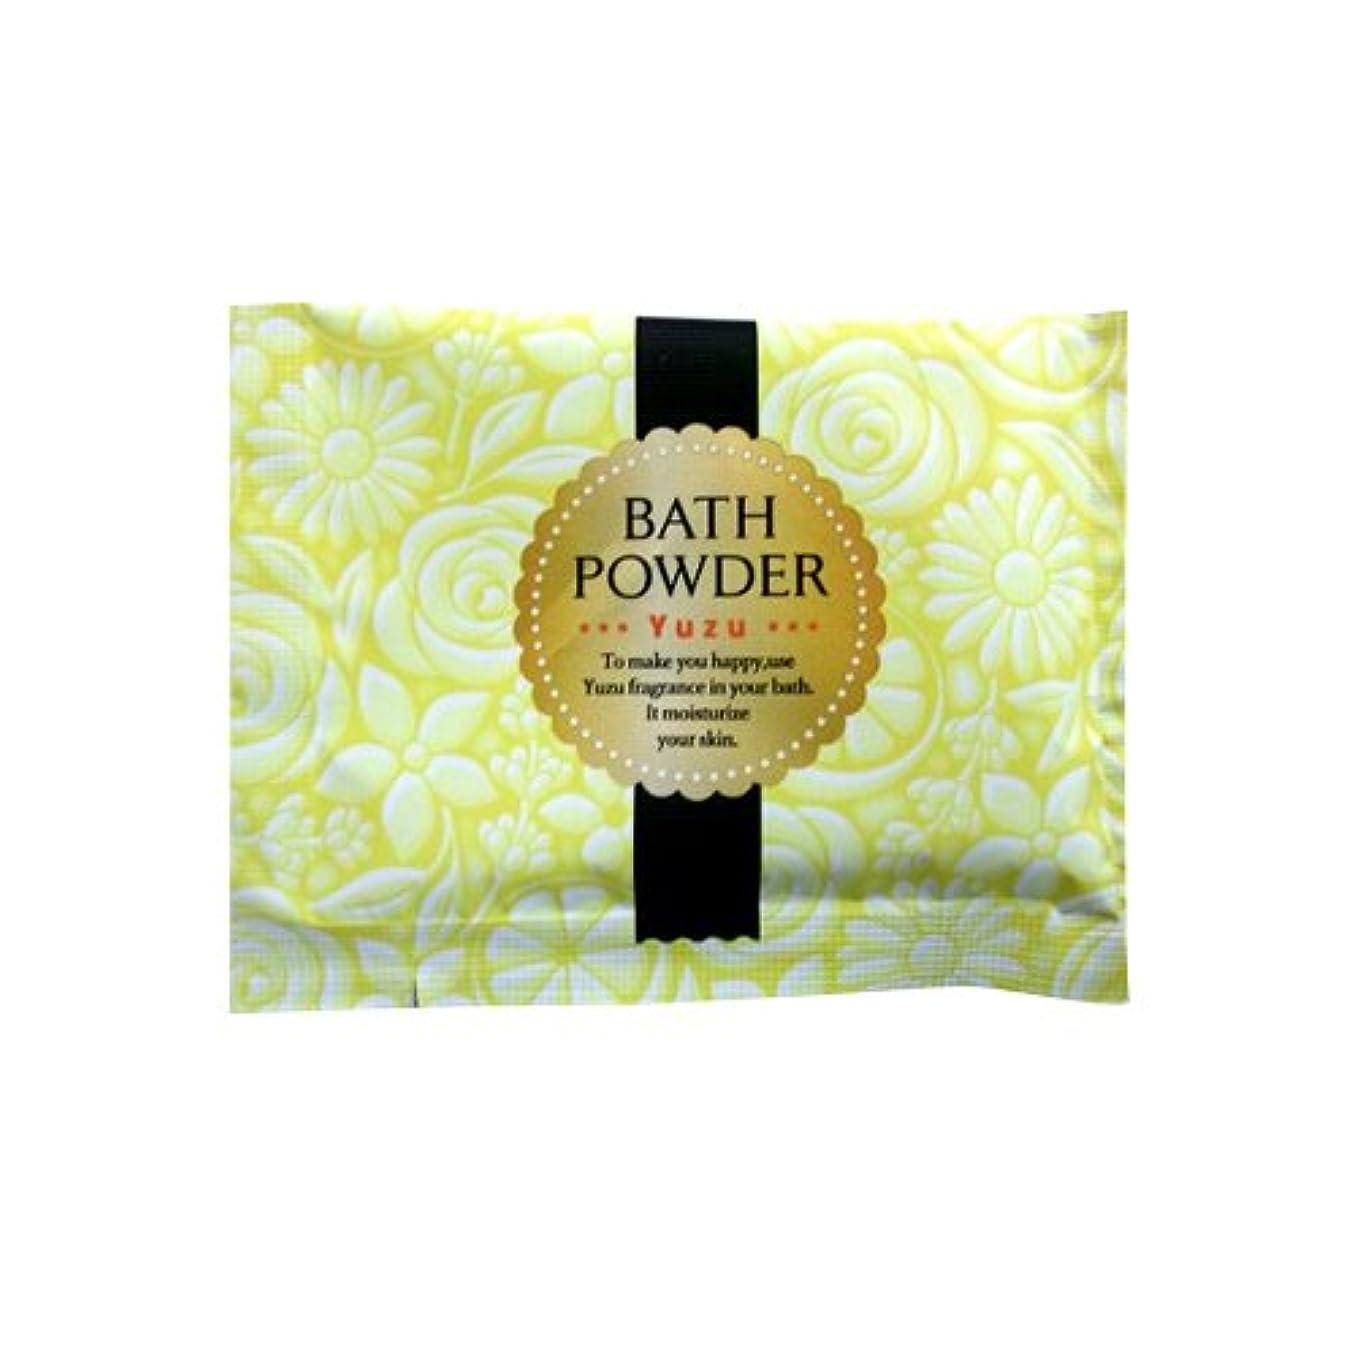 概要感情植物学入浴剤 LUCKY BATH (ラッキーバス) 25g ユズの香り